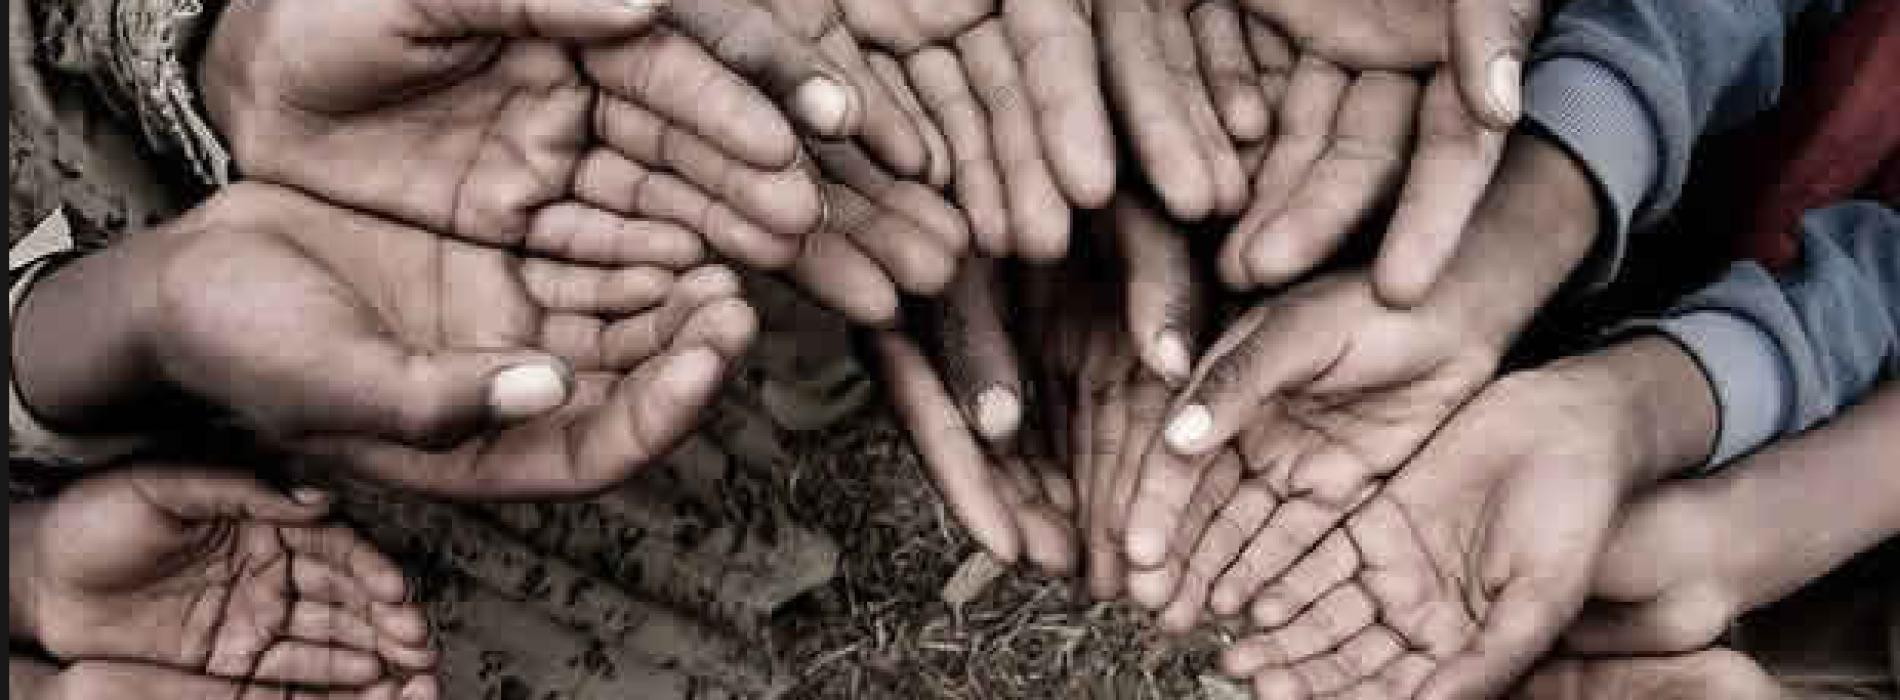 Rapporto Svimez. C'è ripresa al Sud, ma la povertà cresce